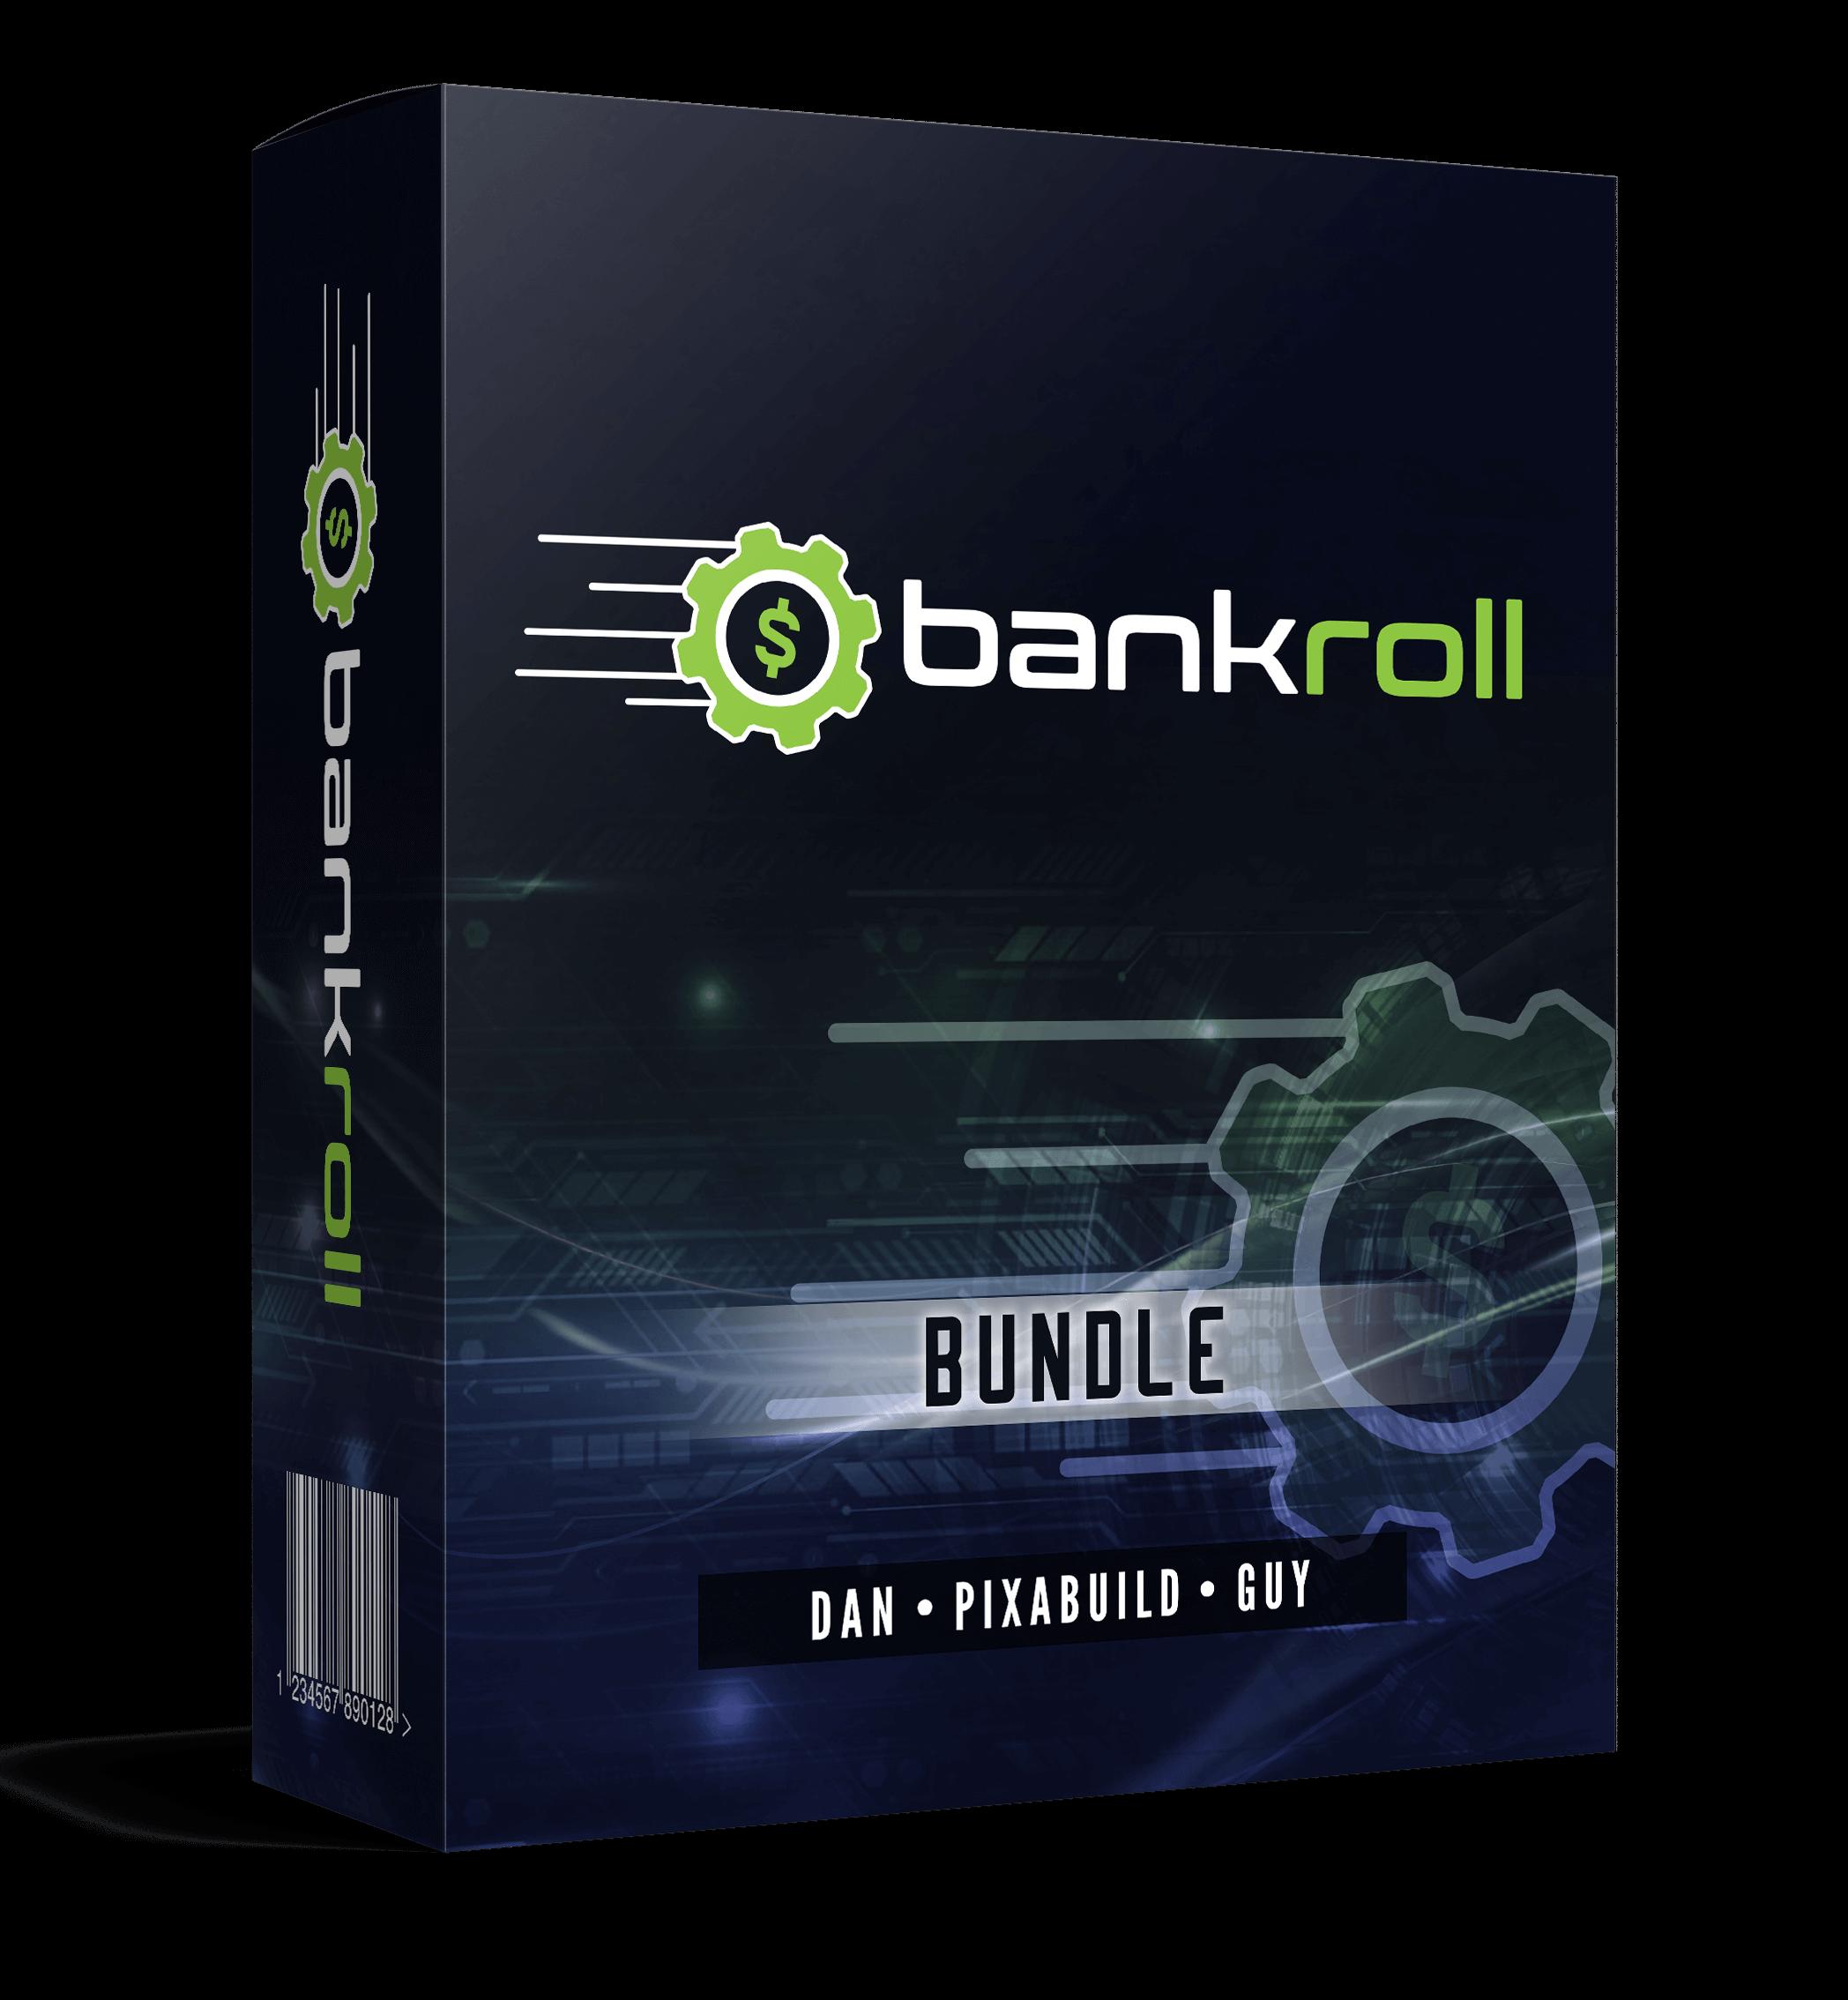 Bankroll-Review-OTO6